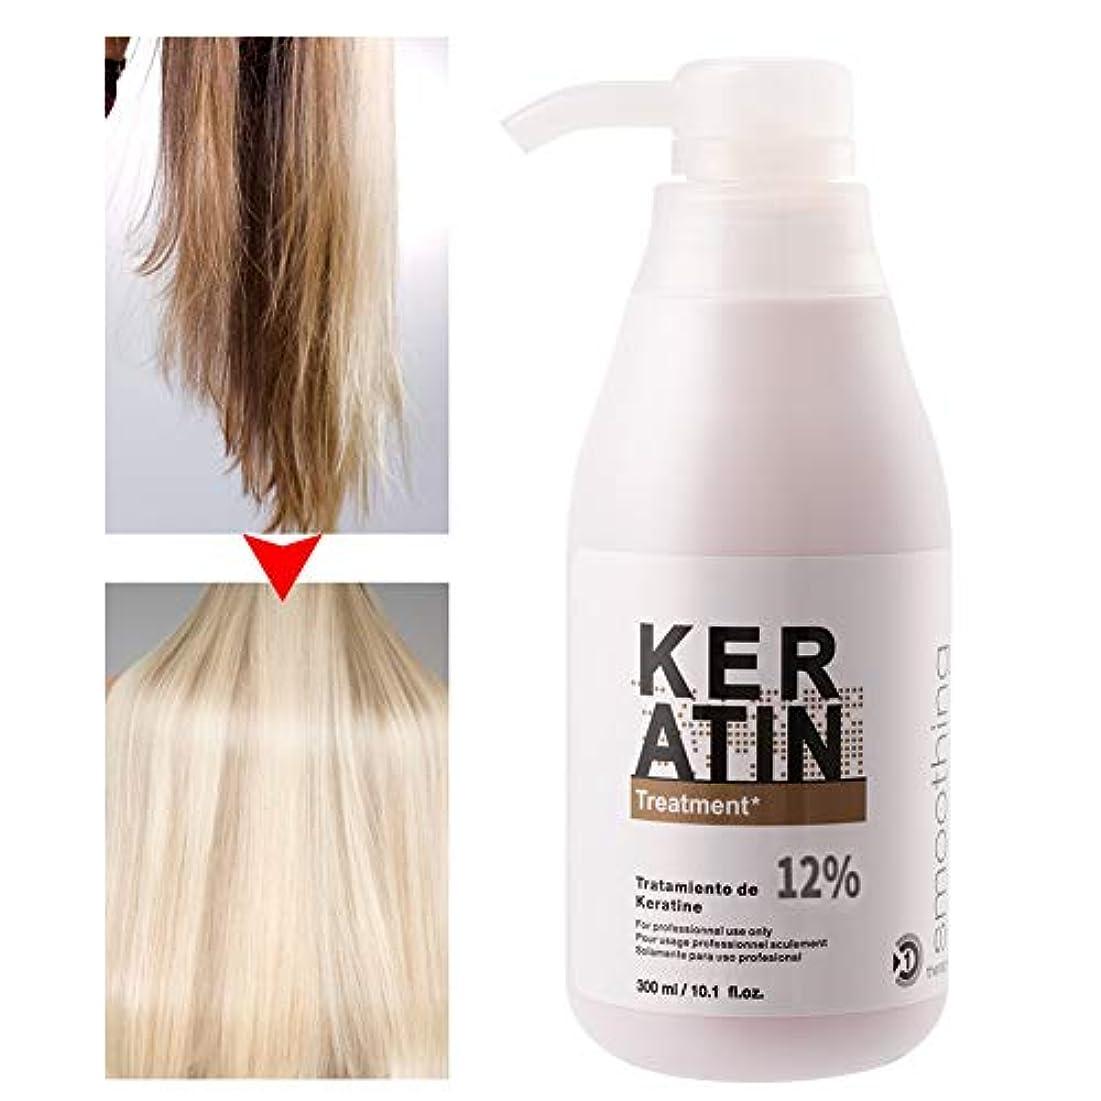 多様性人事ヨーロッパ2本乾いた、ダメージを受けた、300ml傷んだ髪の修復ケラチンプロフェッショナルな結果髪をまっすぐにして滑らかにします(5%髪のケラチン+12%髪のケラチン)